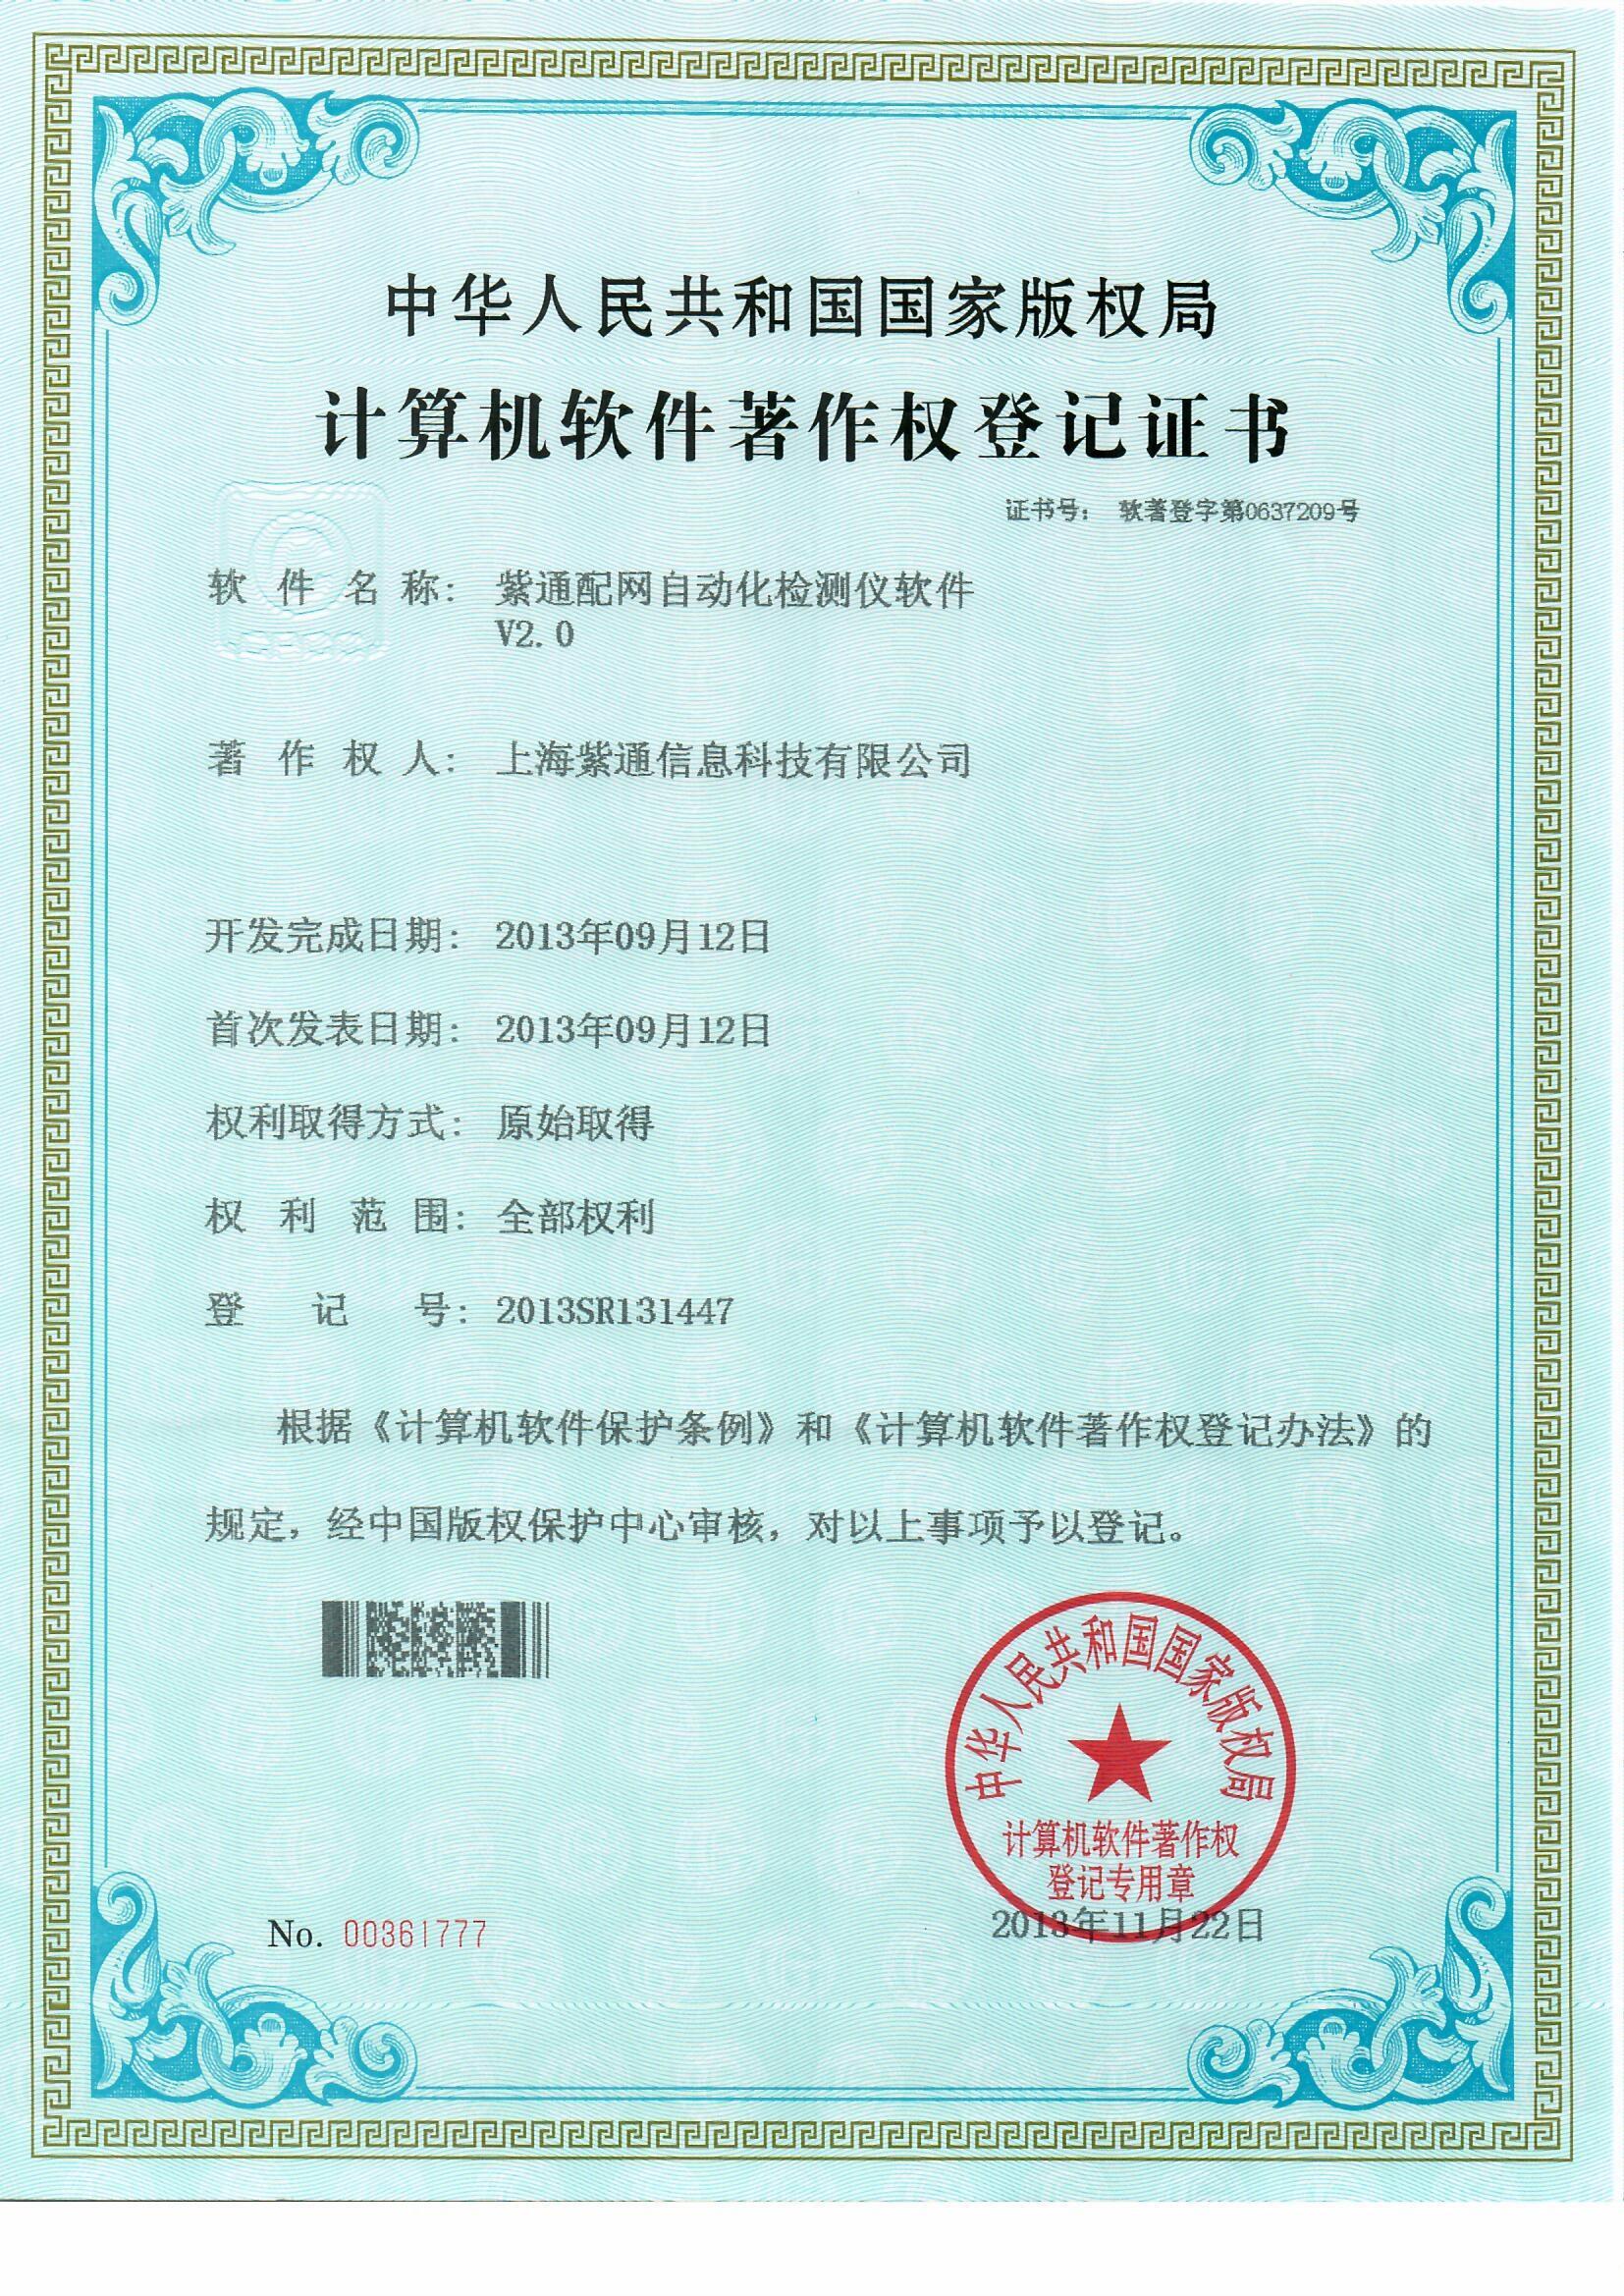 软件著作权登记证书0002